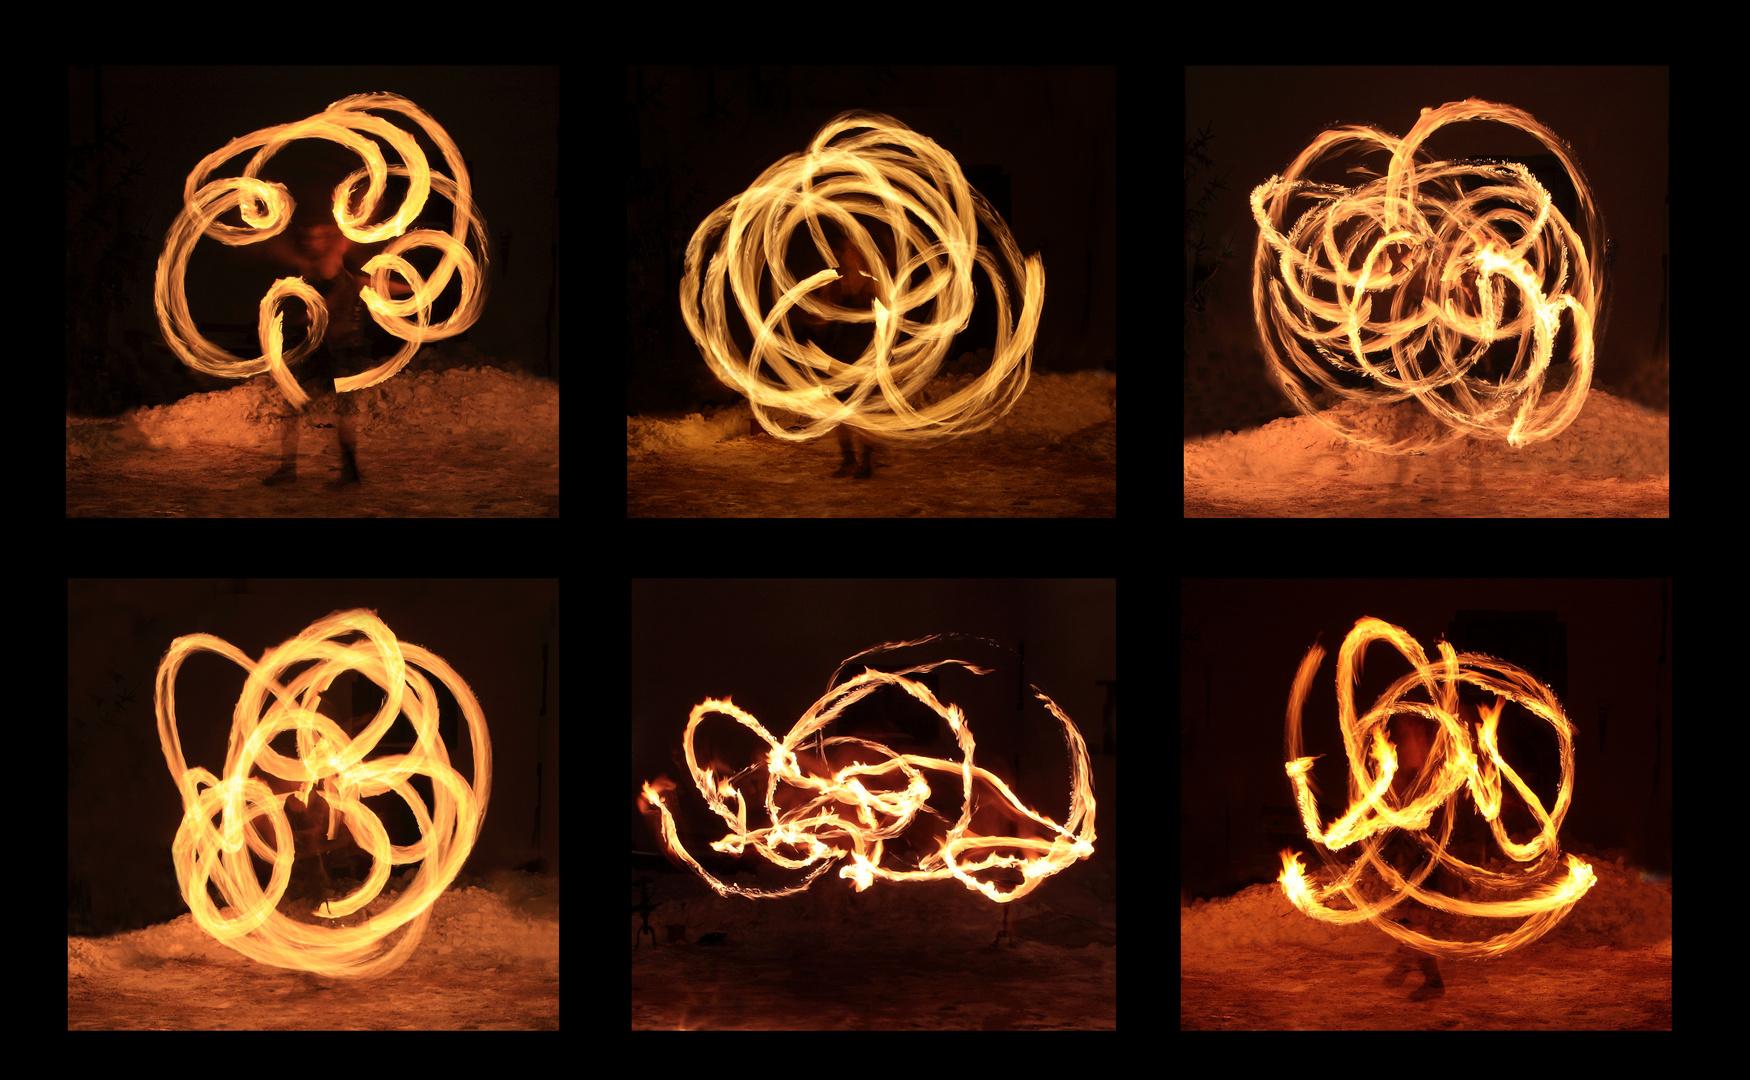 Tanzfiguren des Feuers